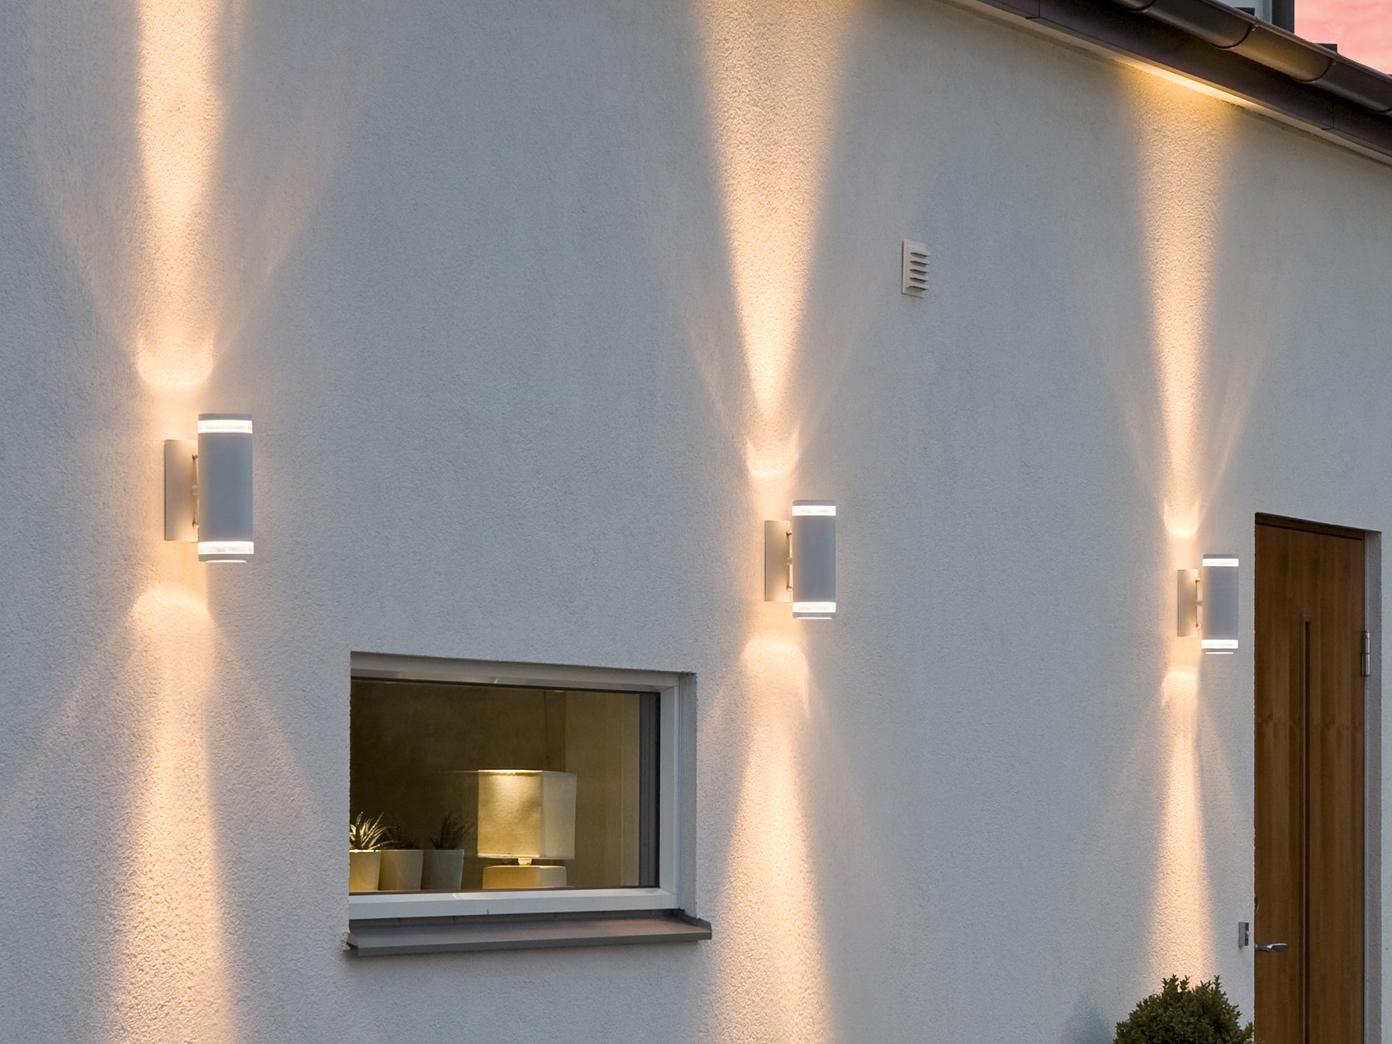 Aluminium Up-Down Wandleuchte weiß GU10 Höhe 23, 23, 23, 5 cm IP44 Fassadenbeleuchtung 92e94c